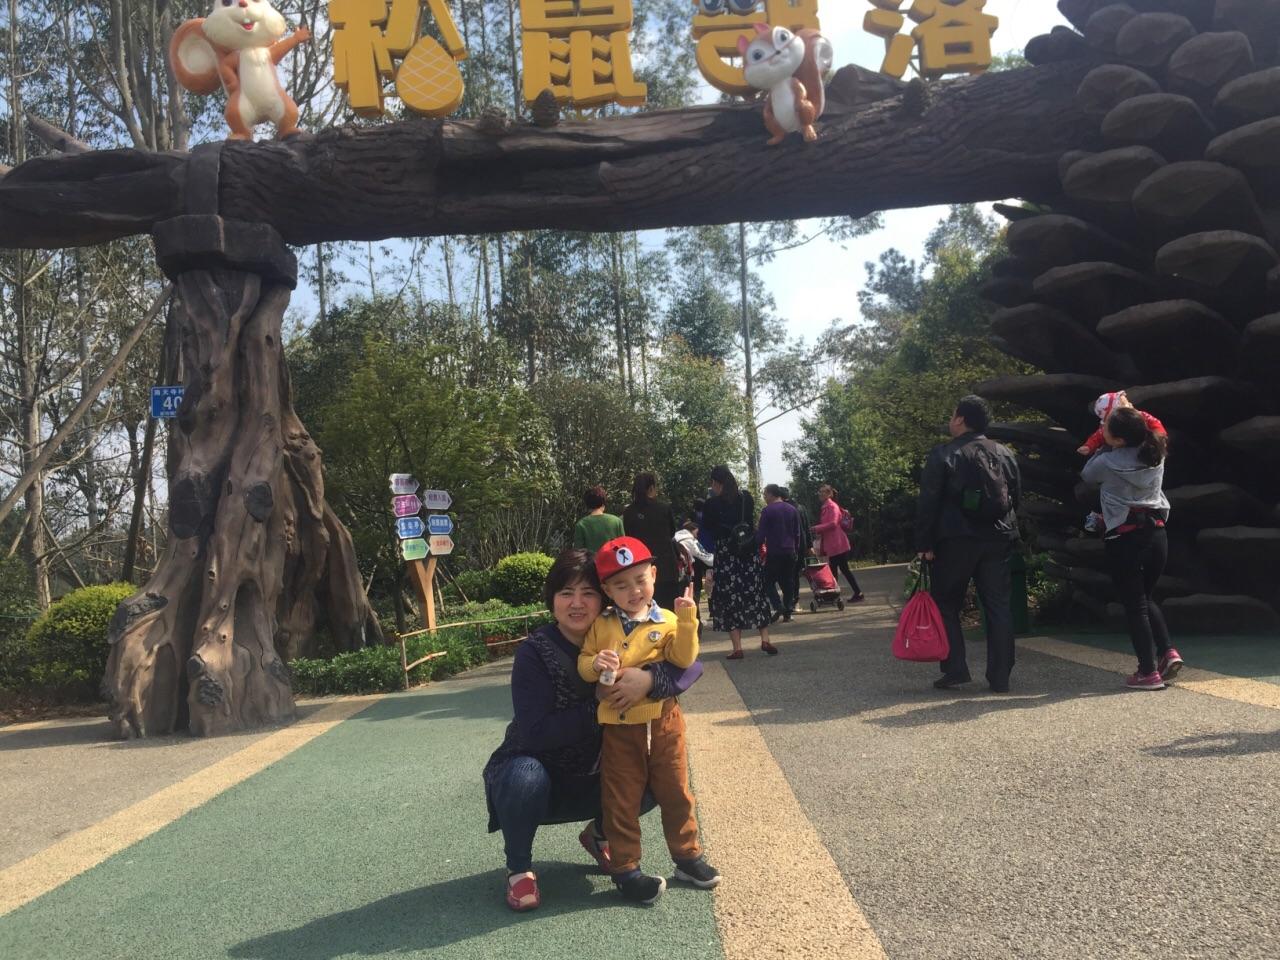 松鼠部落森林假日公园图片